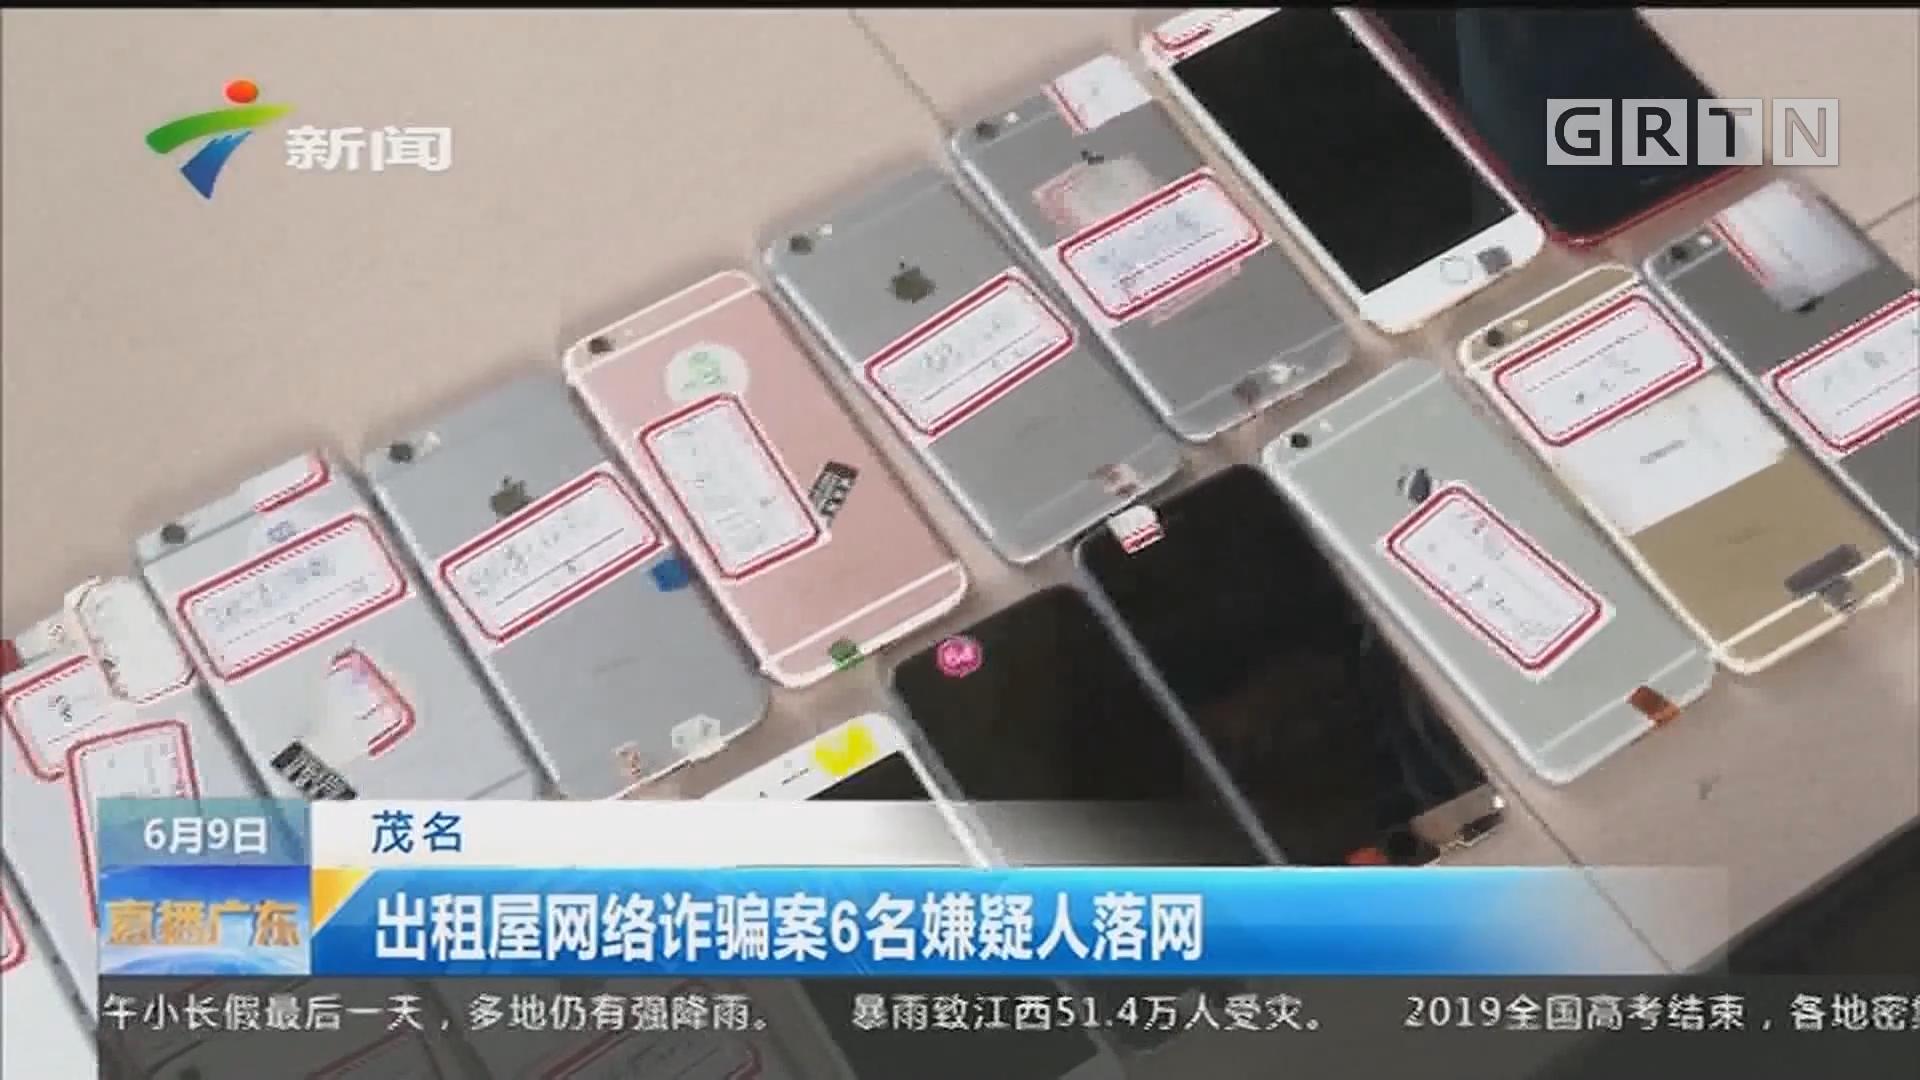 茂名:出租屋网络诈骗案6名嫌疑人落网